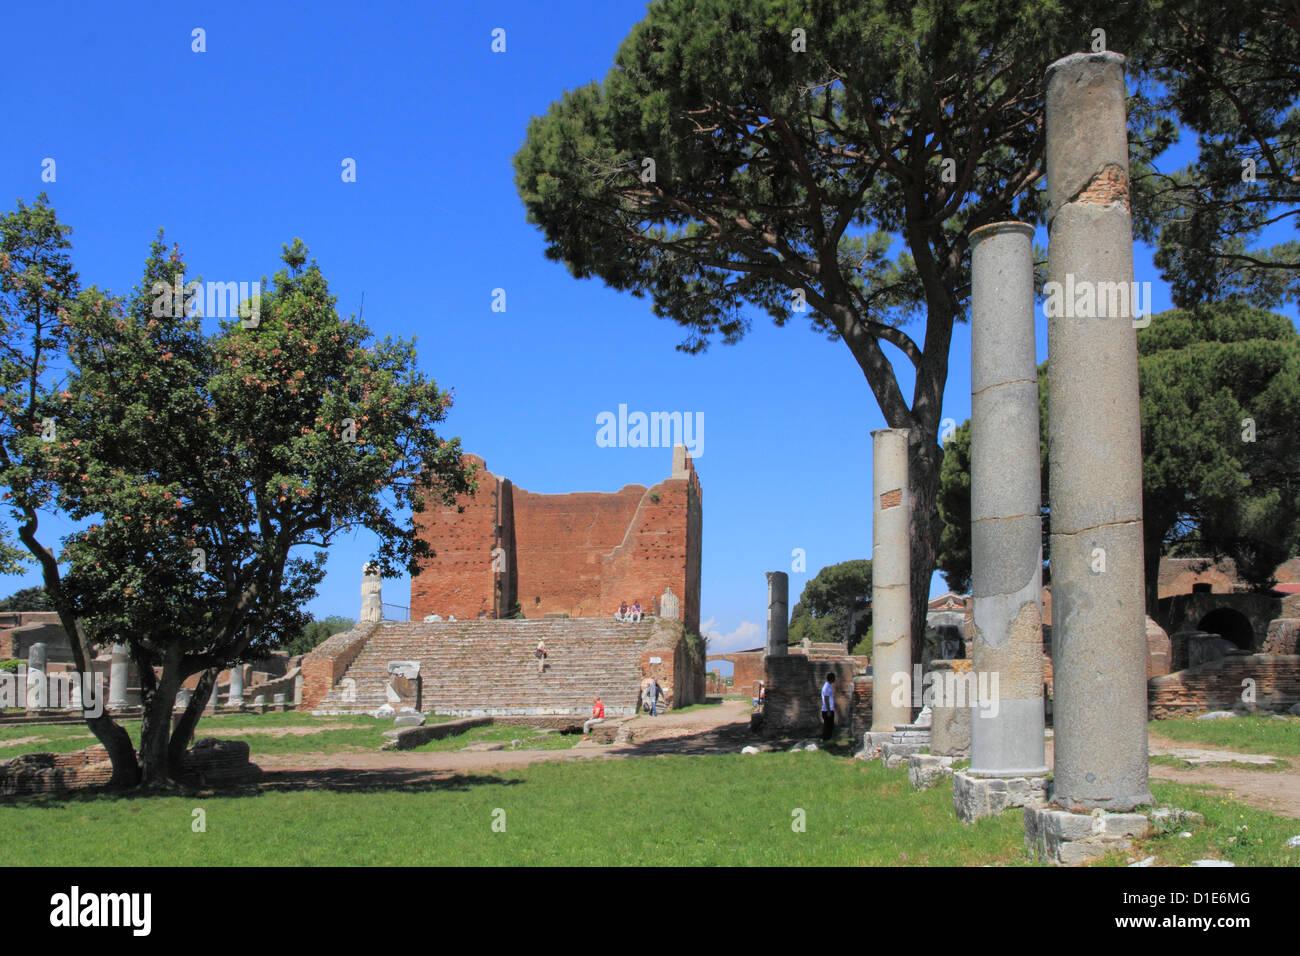 Forum and Capitol, Ostia Antica, Latium, Lazio, Italy, Europe - Stock Image